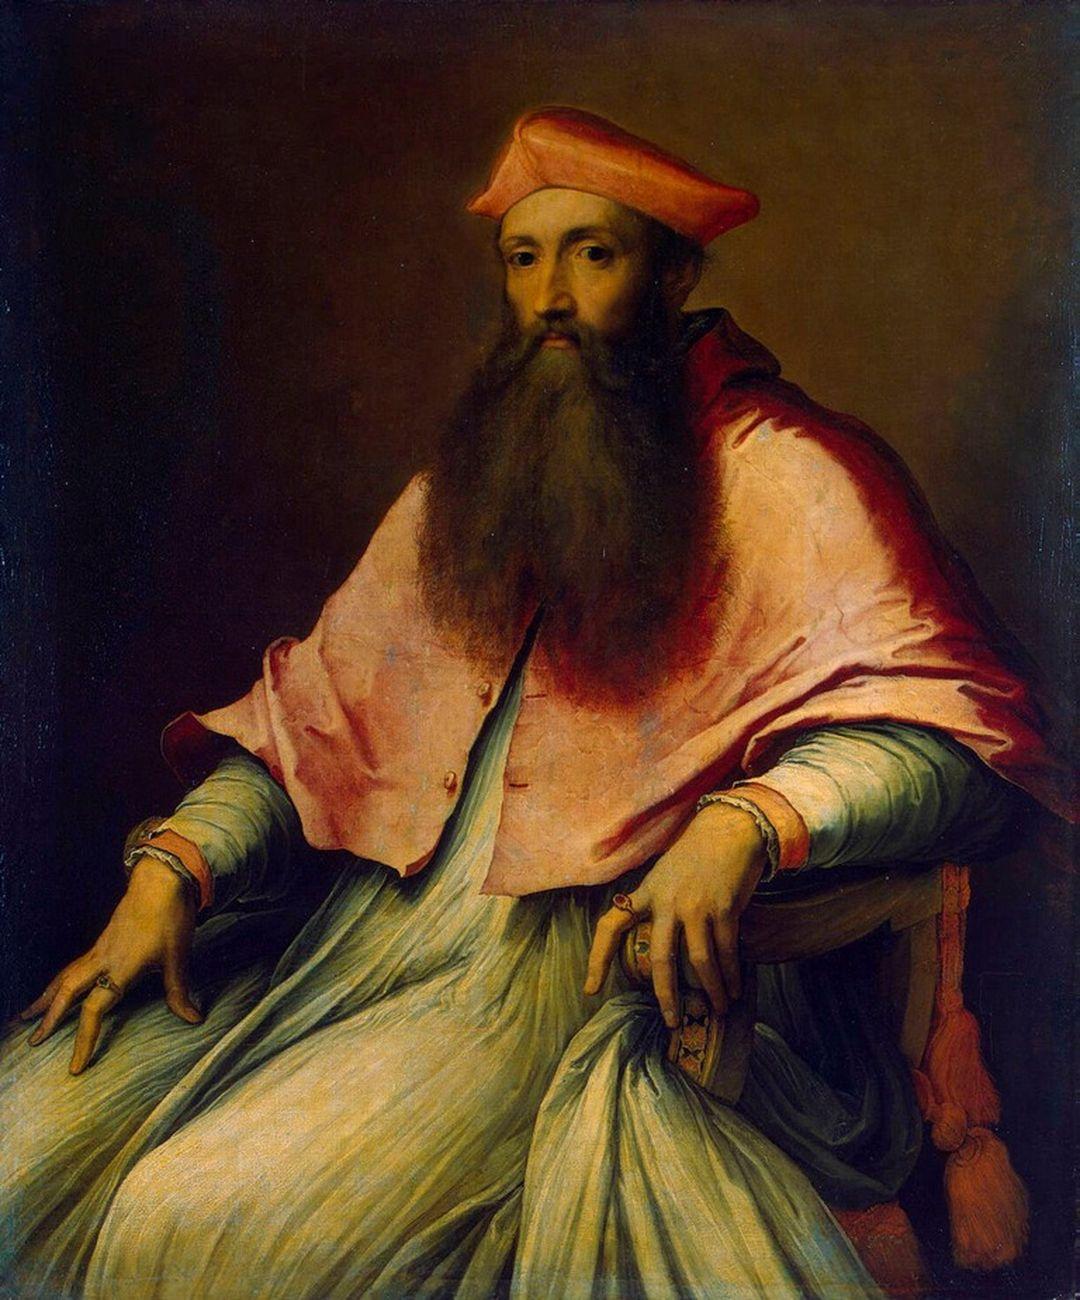 Sebastiano del Piombo, Ritratto del Cardinale Reginald Pole, 1540. San Pietroburgo, Museo dell'Ermitage